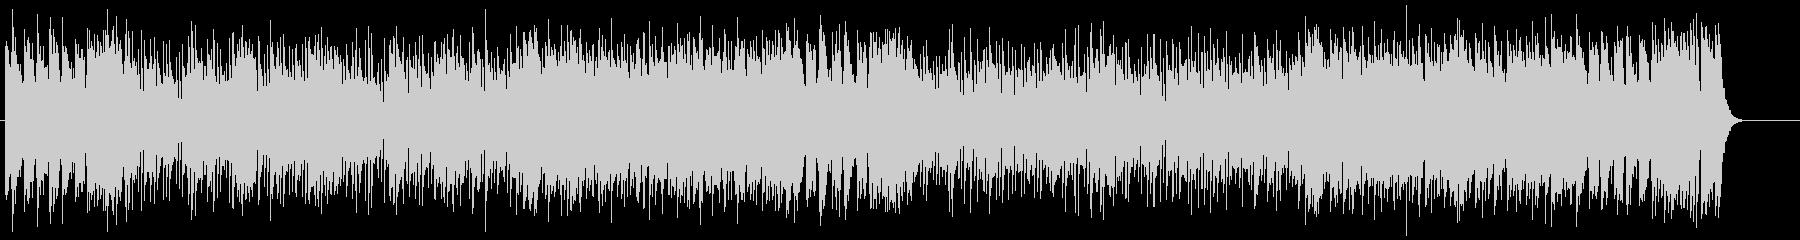 ピアノの調べが美しい、ブライダルBGMの未再生の波形